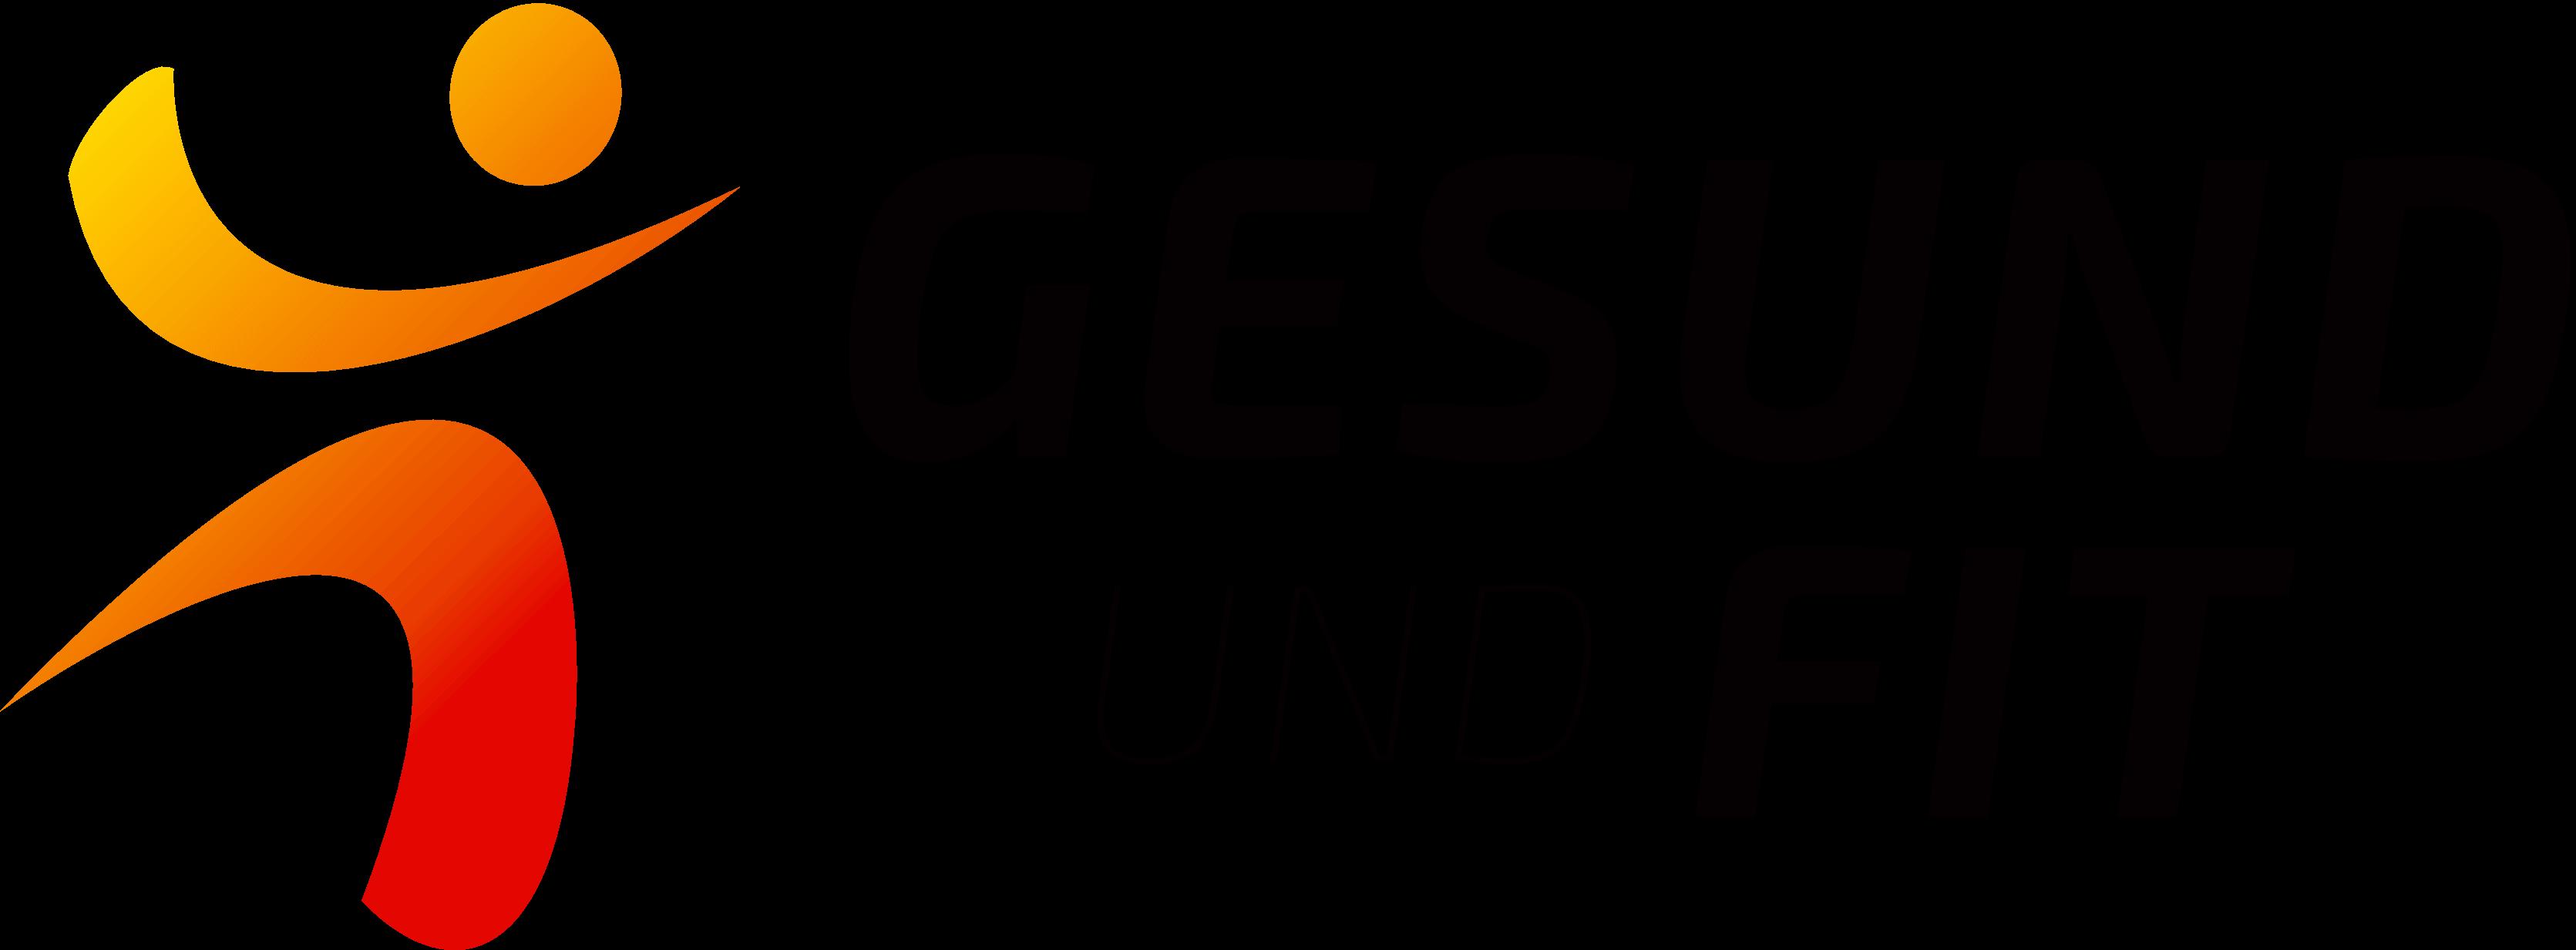 https://www.gesundheit-braucht-fitness.at/wp-content/uploads/2020/12/Gesund-und-Fit-Logo_ohne-Schatten-Var1.png